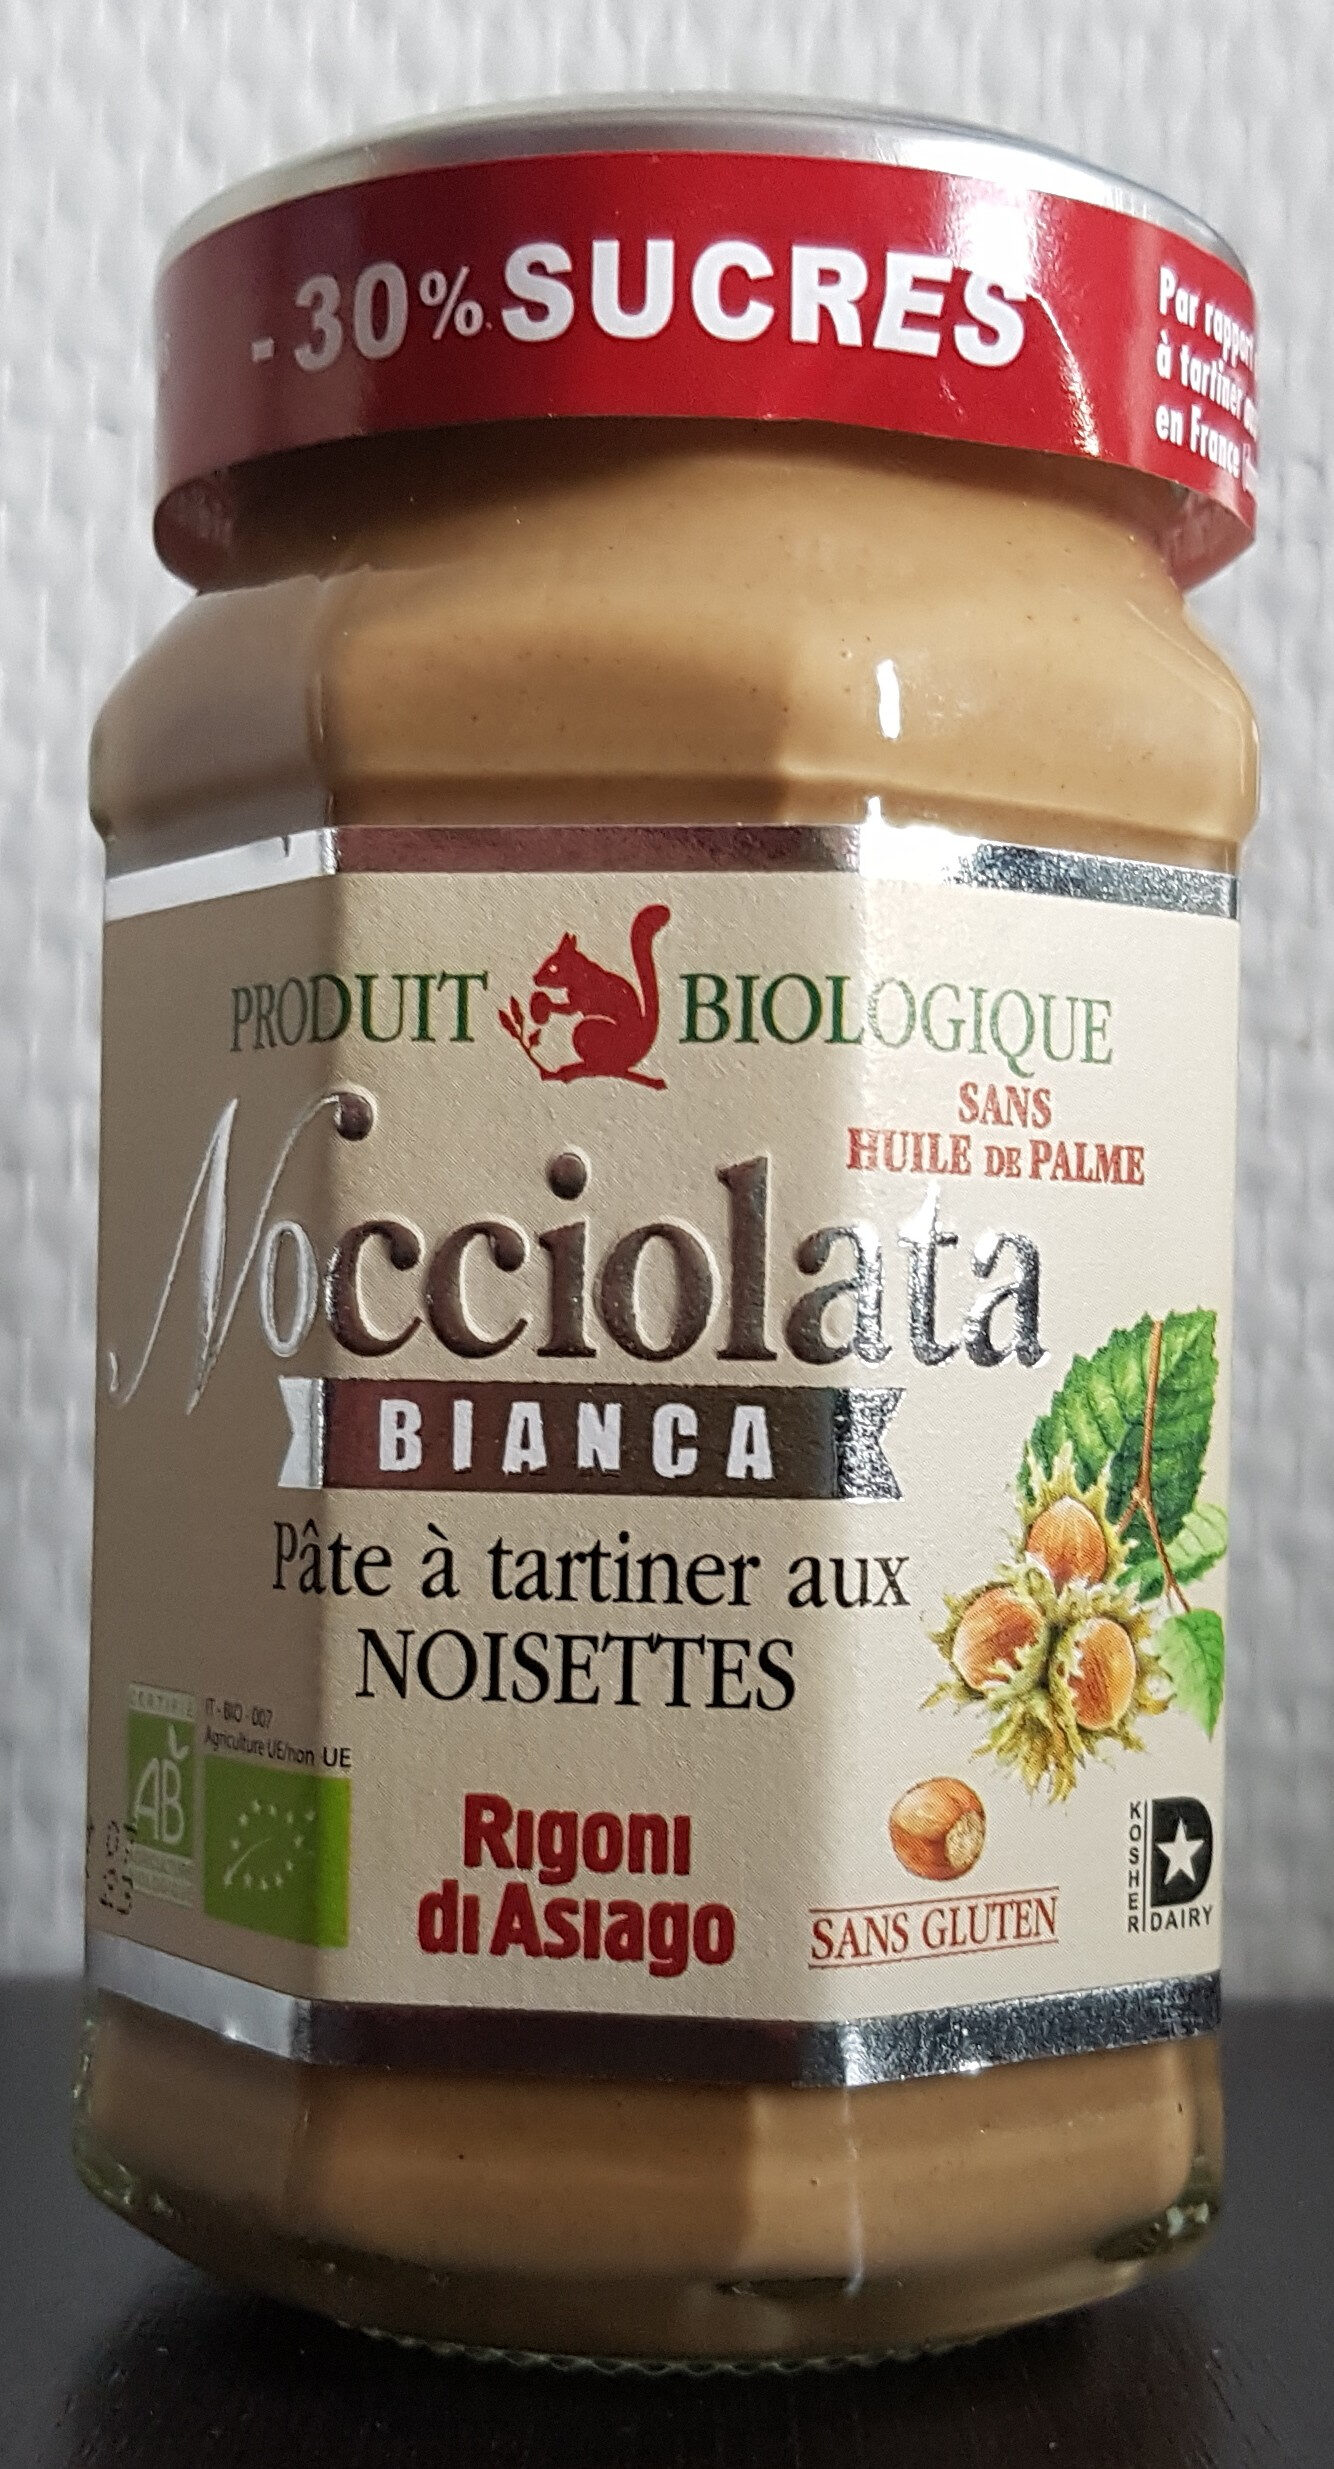 Nocciolata bianca - Product - fr